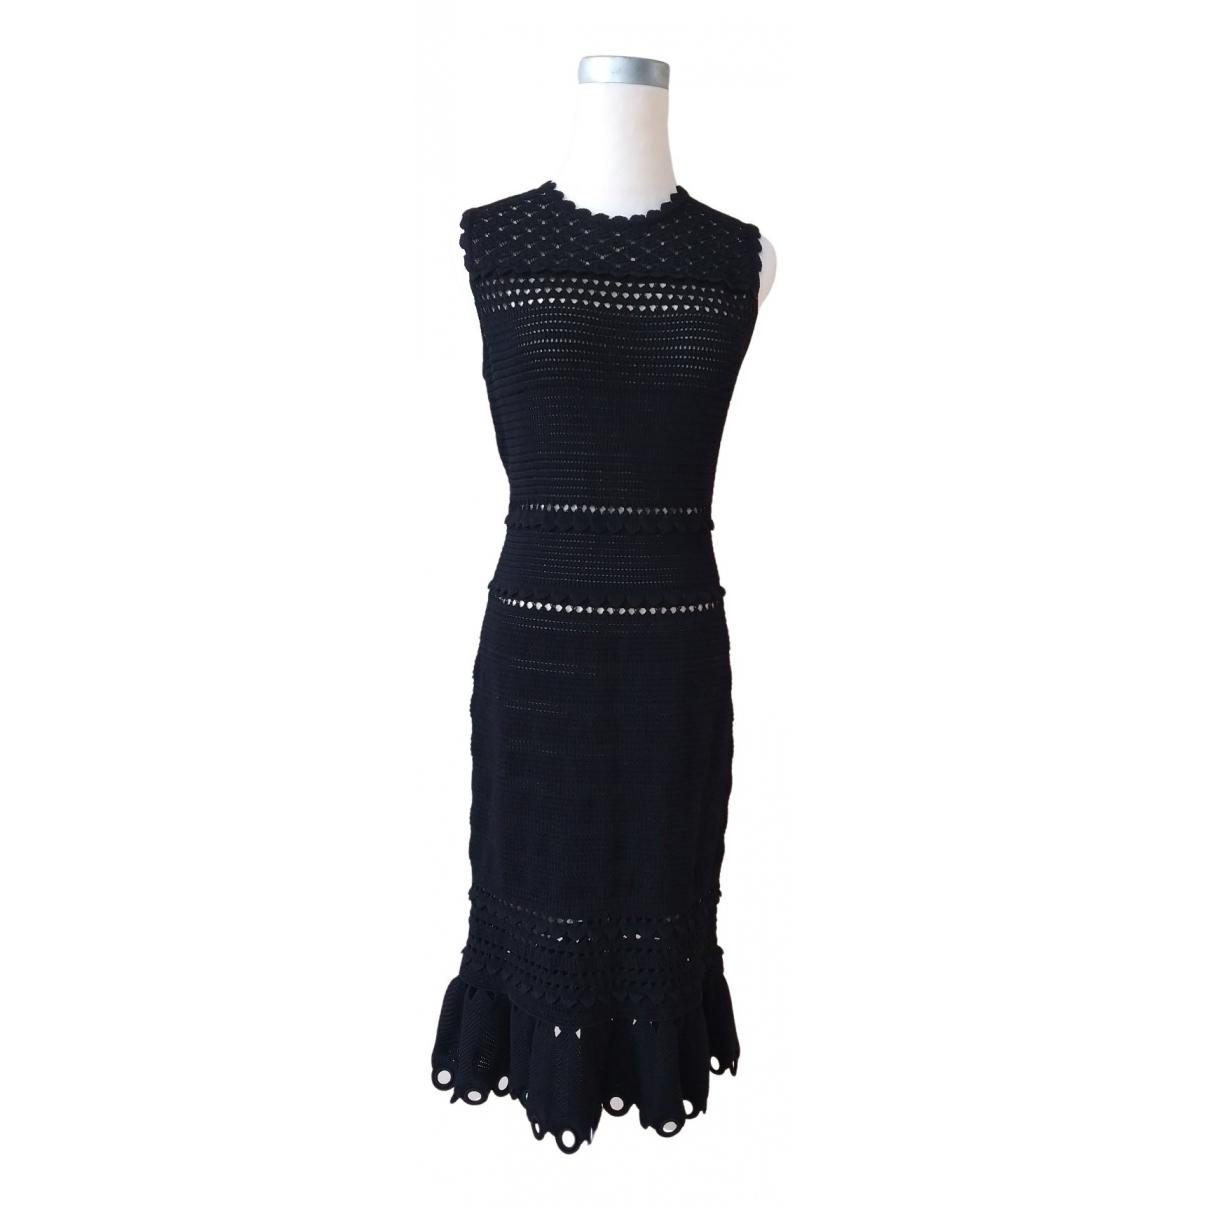 Alexander Mcqueen \N Kleid in  Schwarz Baumwolle